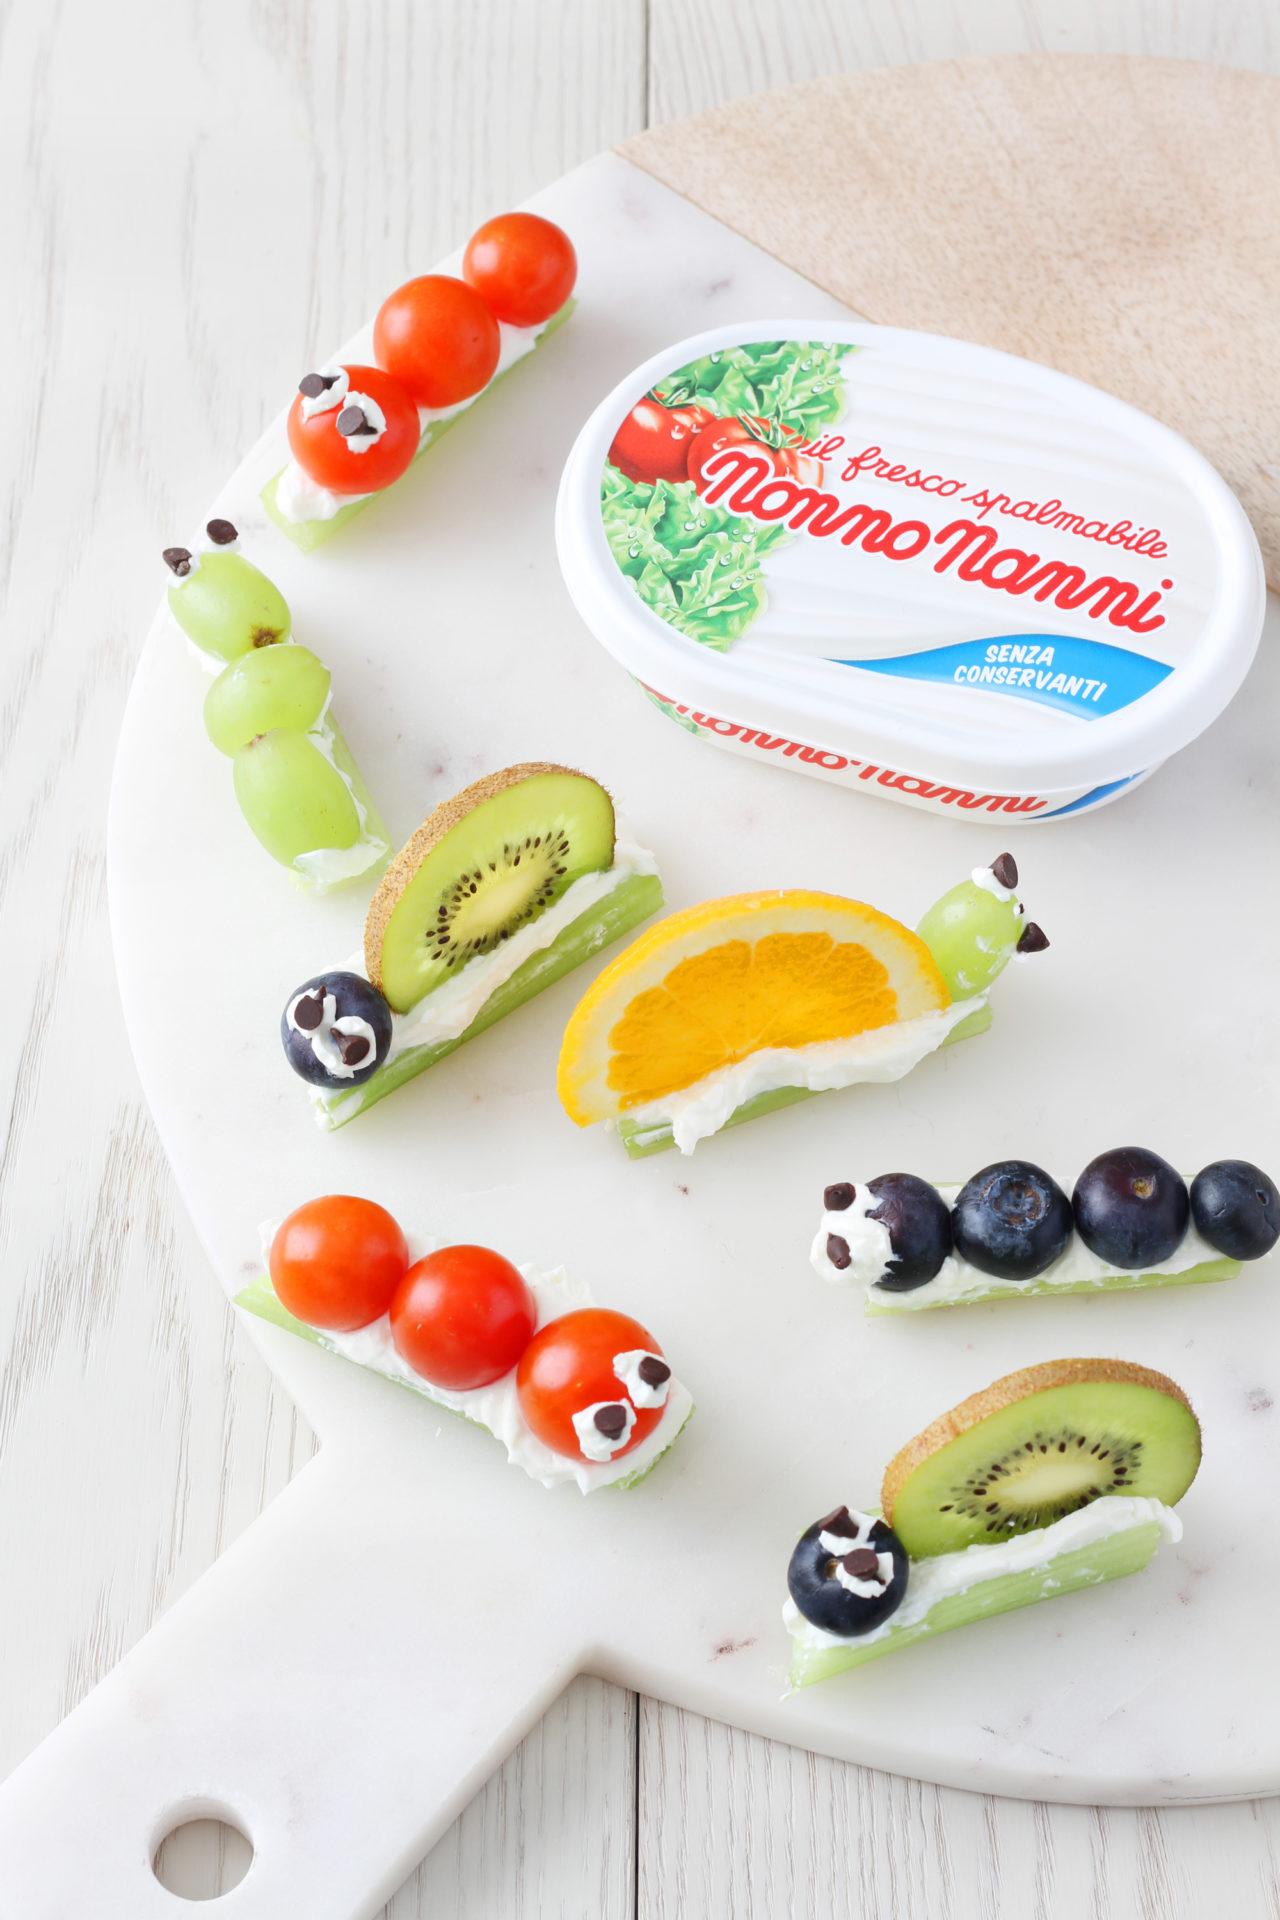 Con Fresco Spalmabile Nonno Nanni divertenti bruchetti e lumachine di frutta e verdura